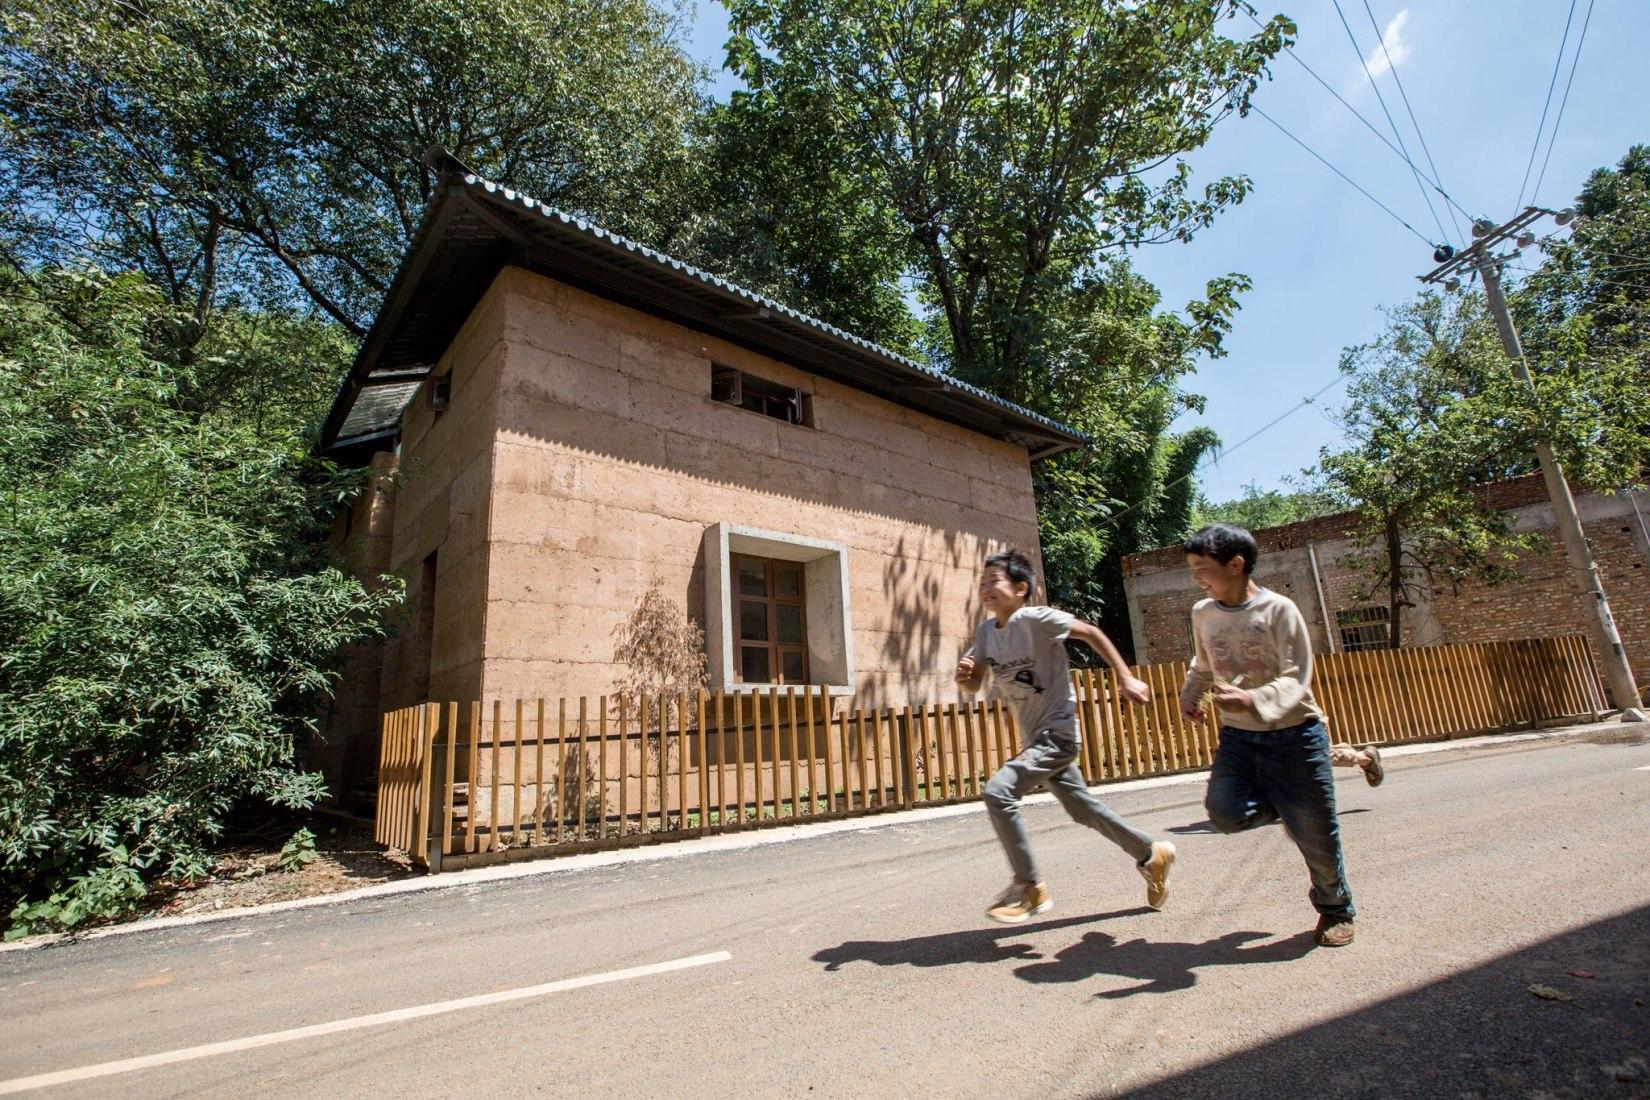 Proyecto de Reconstrucción tras el terremoto en la aldea de Guangming por la Universidad China de Hong Kong y la Universidad de Ciencia y Tecnología de Kunming. Imagen cortesía del World Architecture Festival